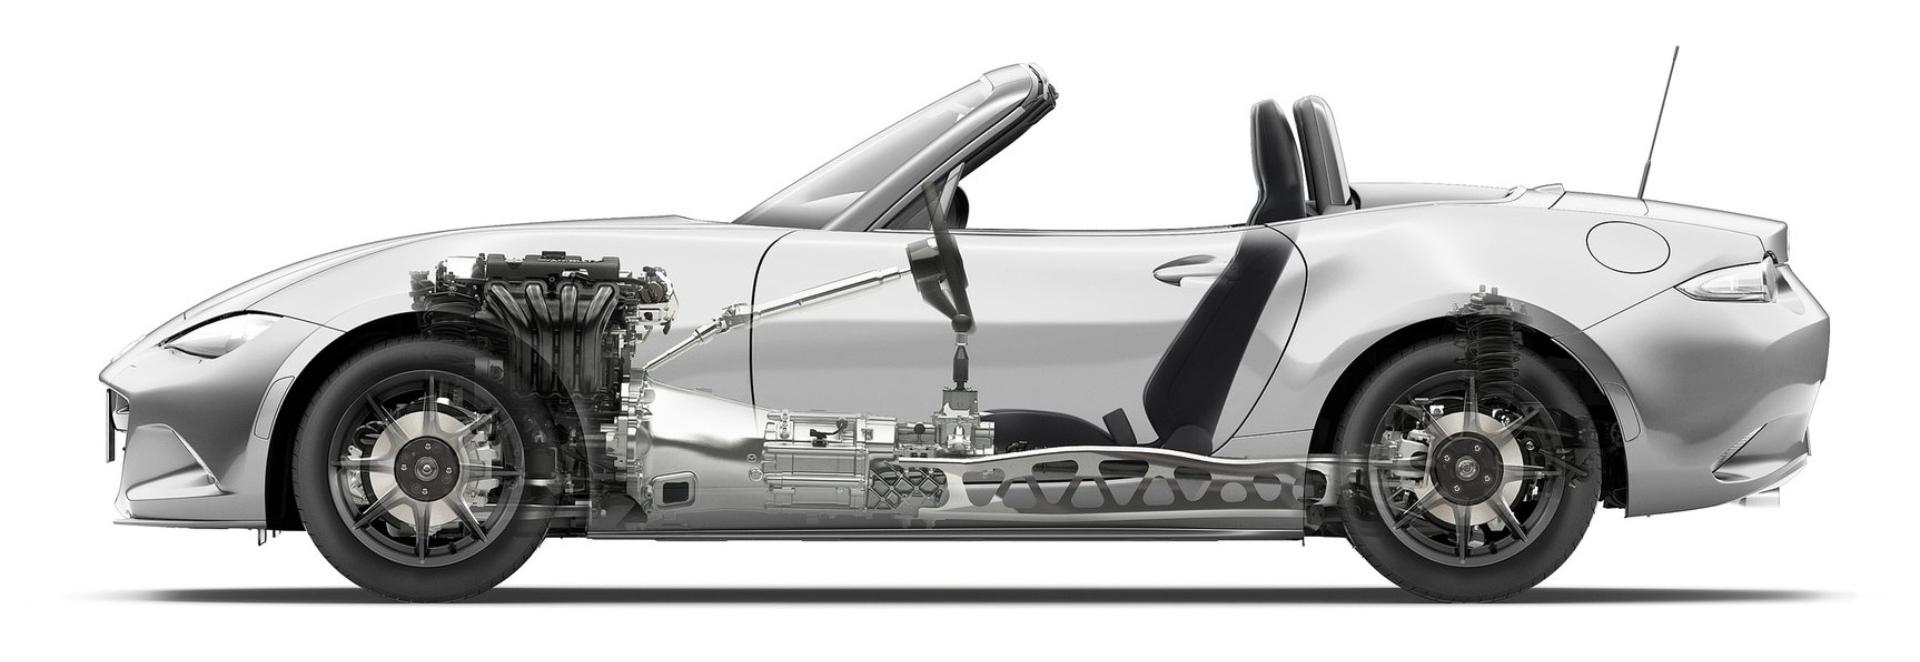 Пять кругов за рулем нового родстера Mazda MX-5. Фото 2